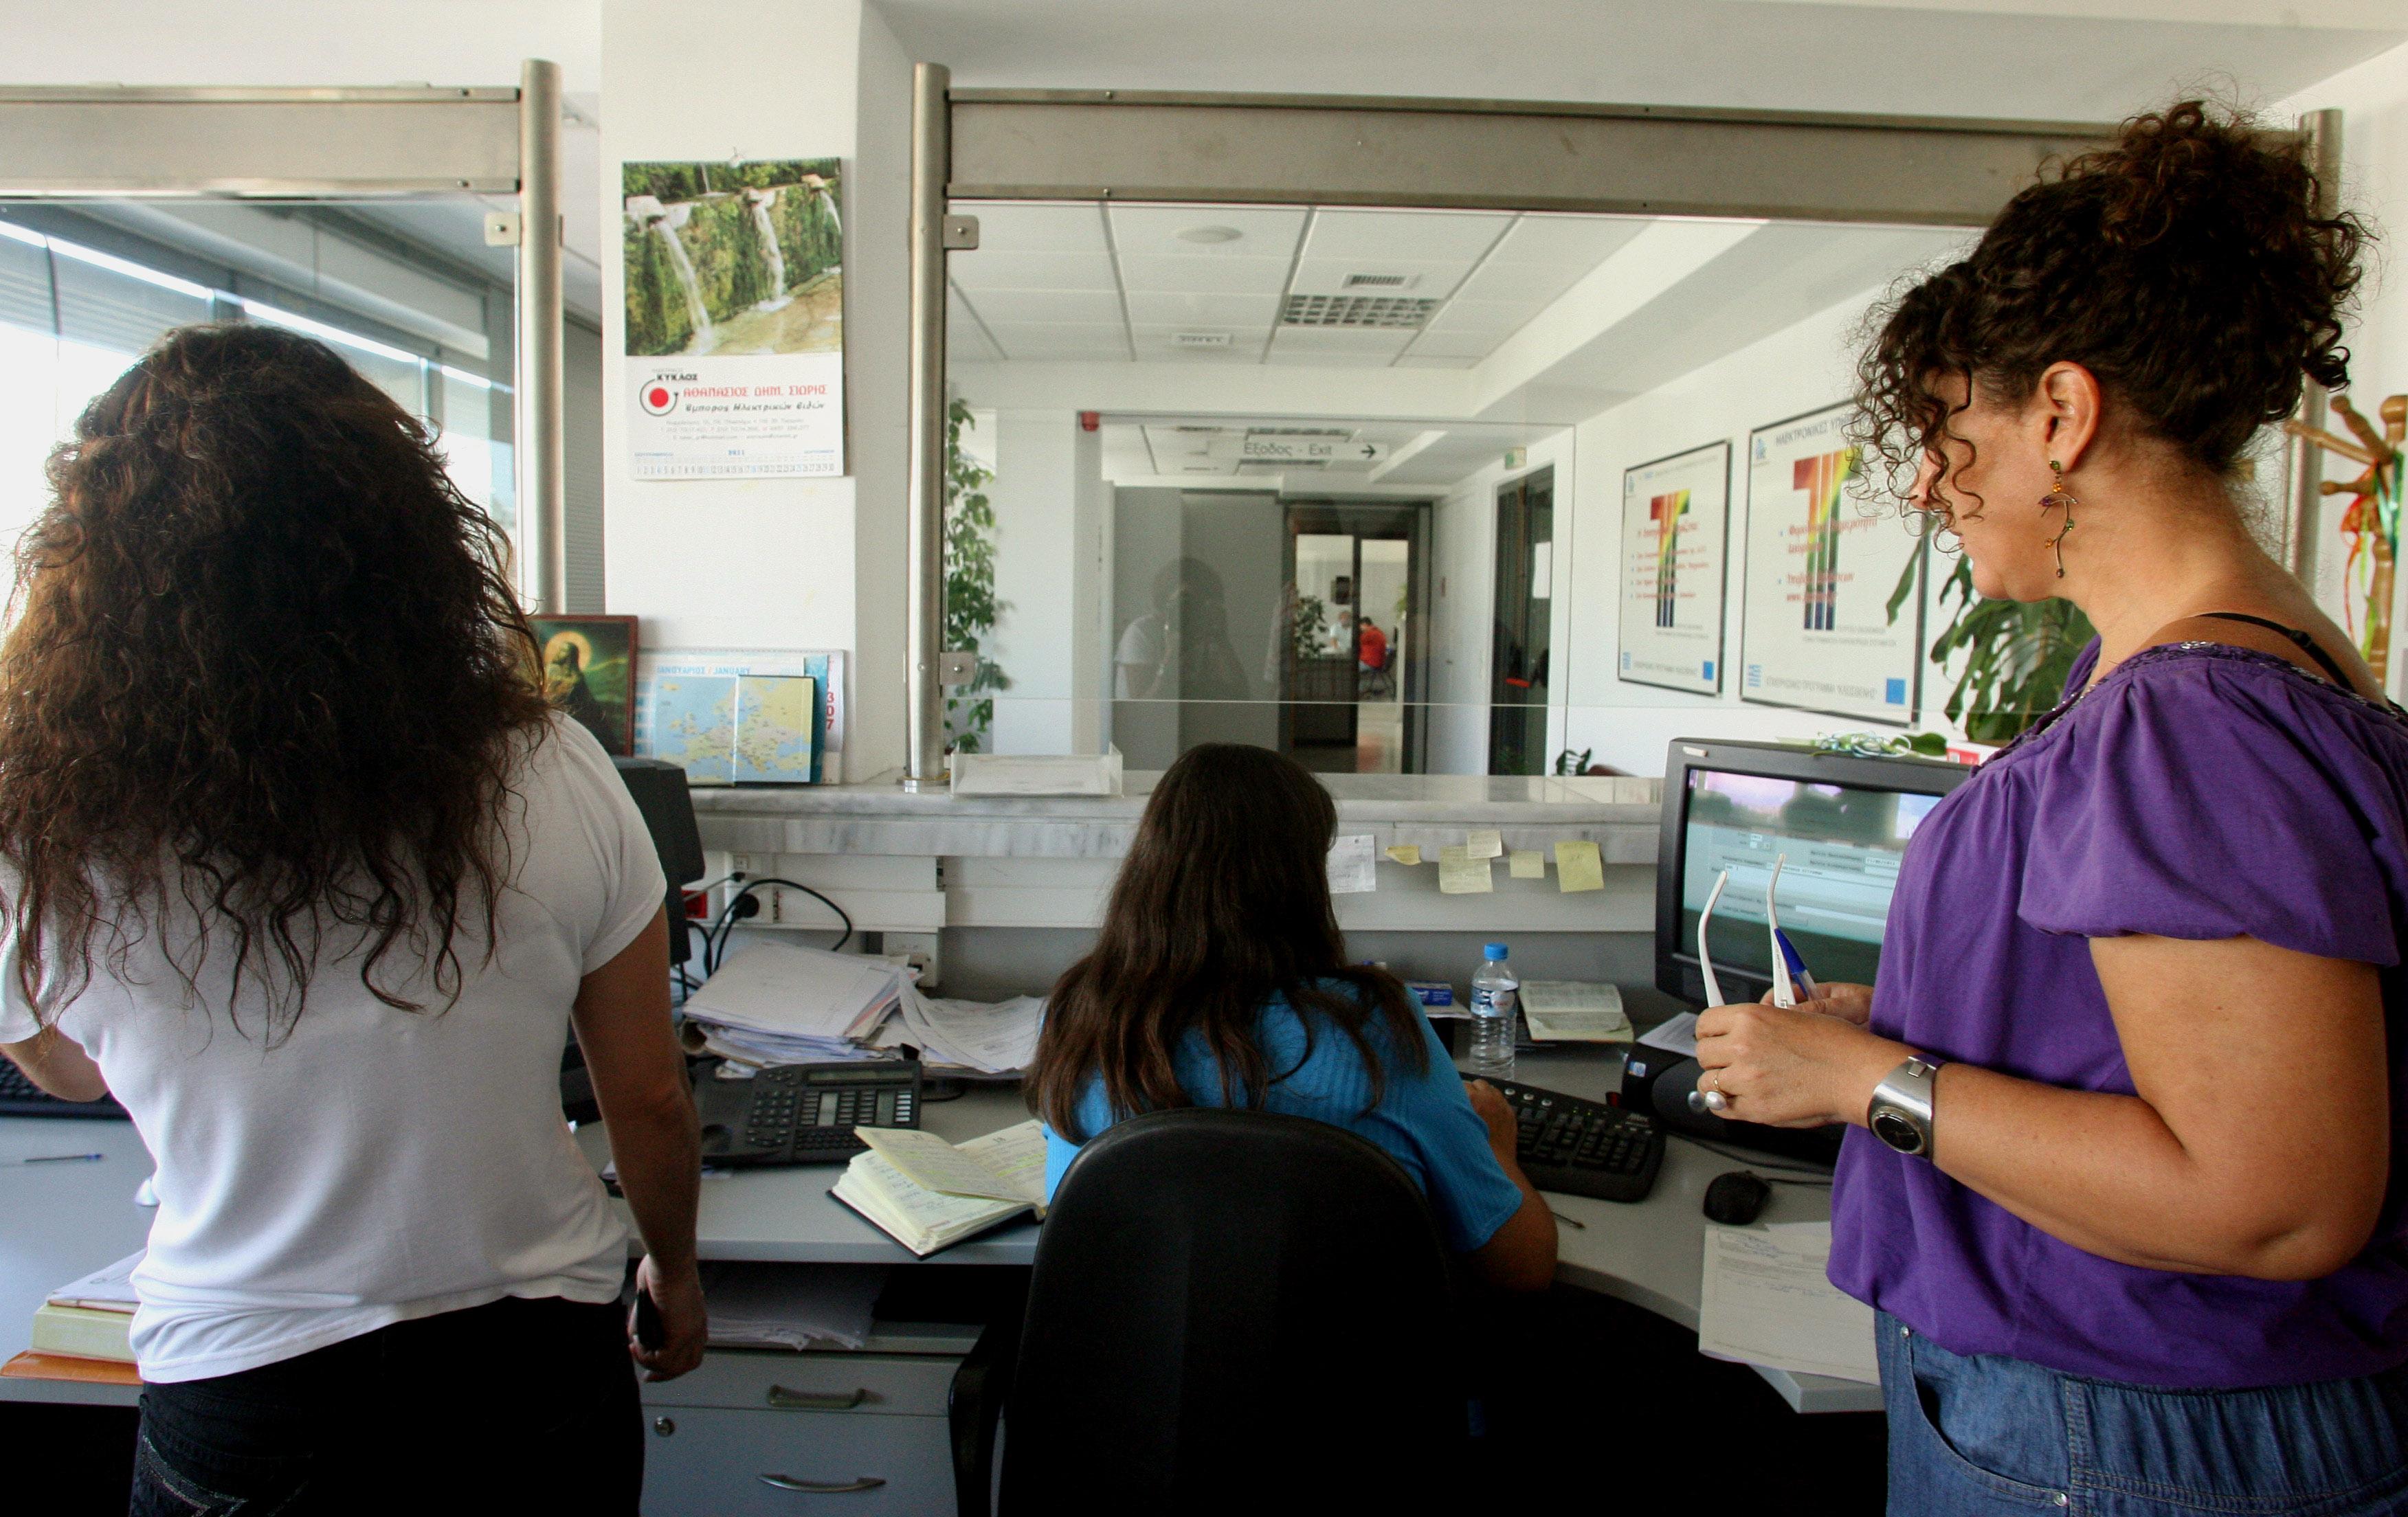 Προς ταχεία αναμόρφωση της δημόσιας διοίκησης | tovima.gr